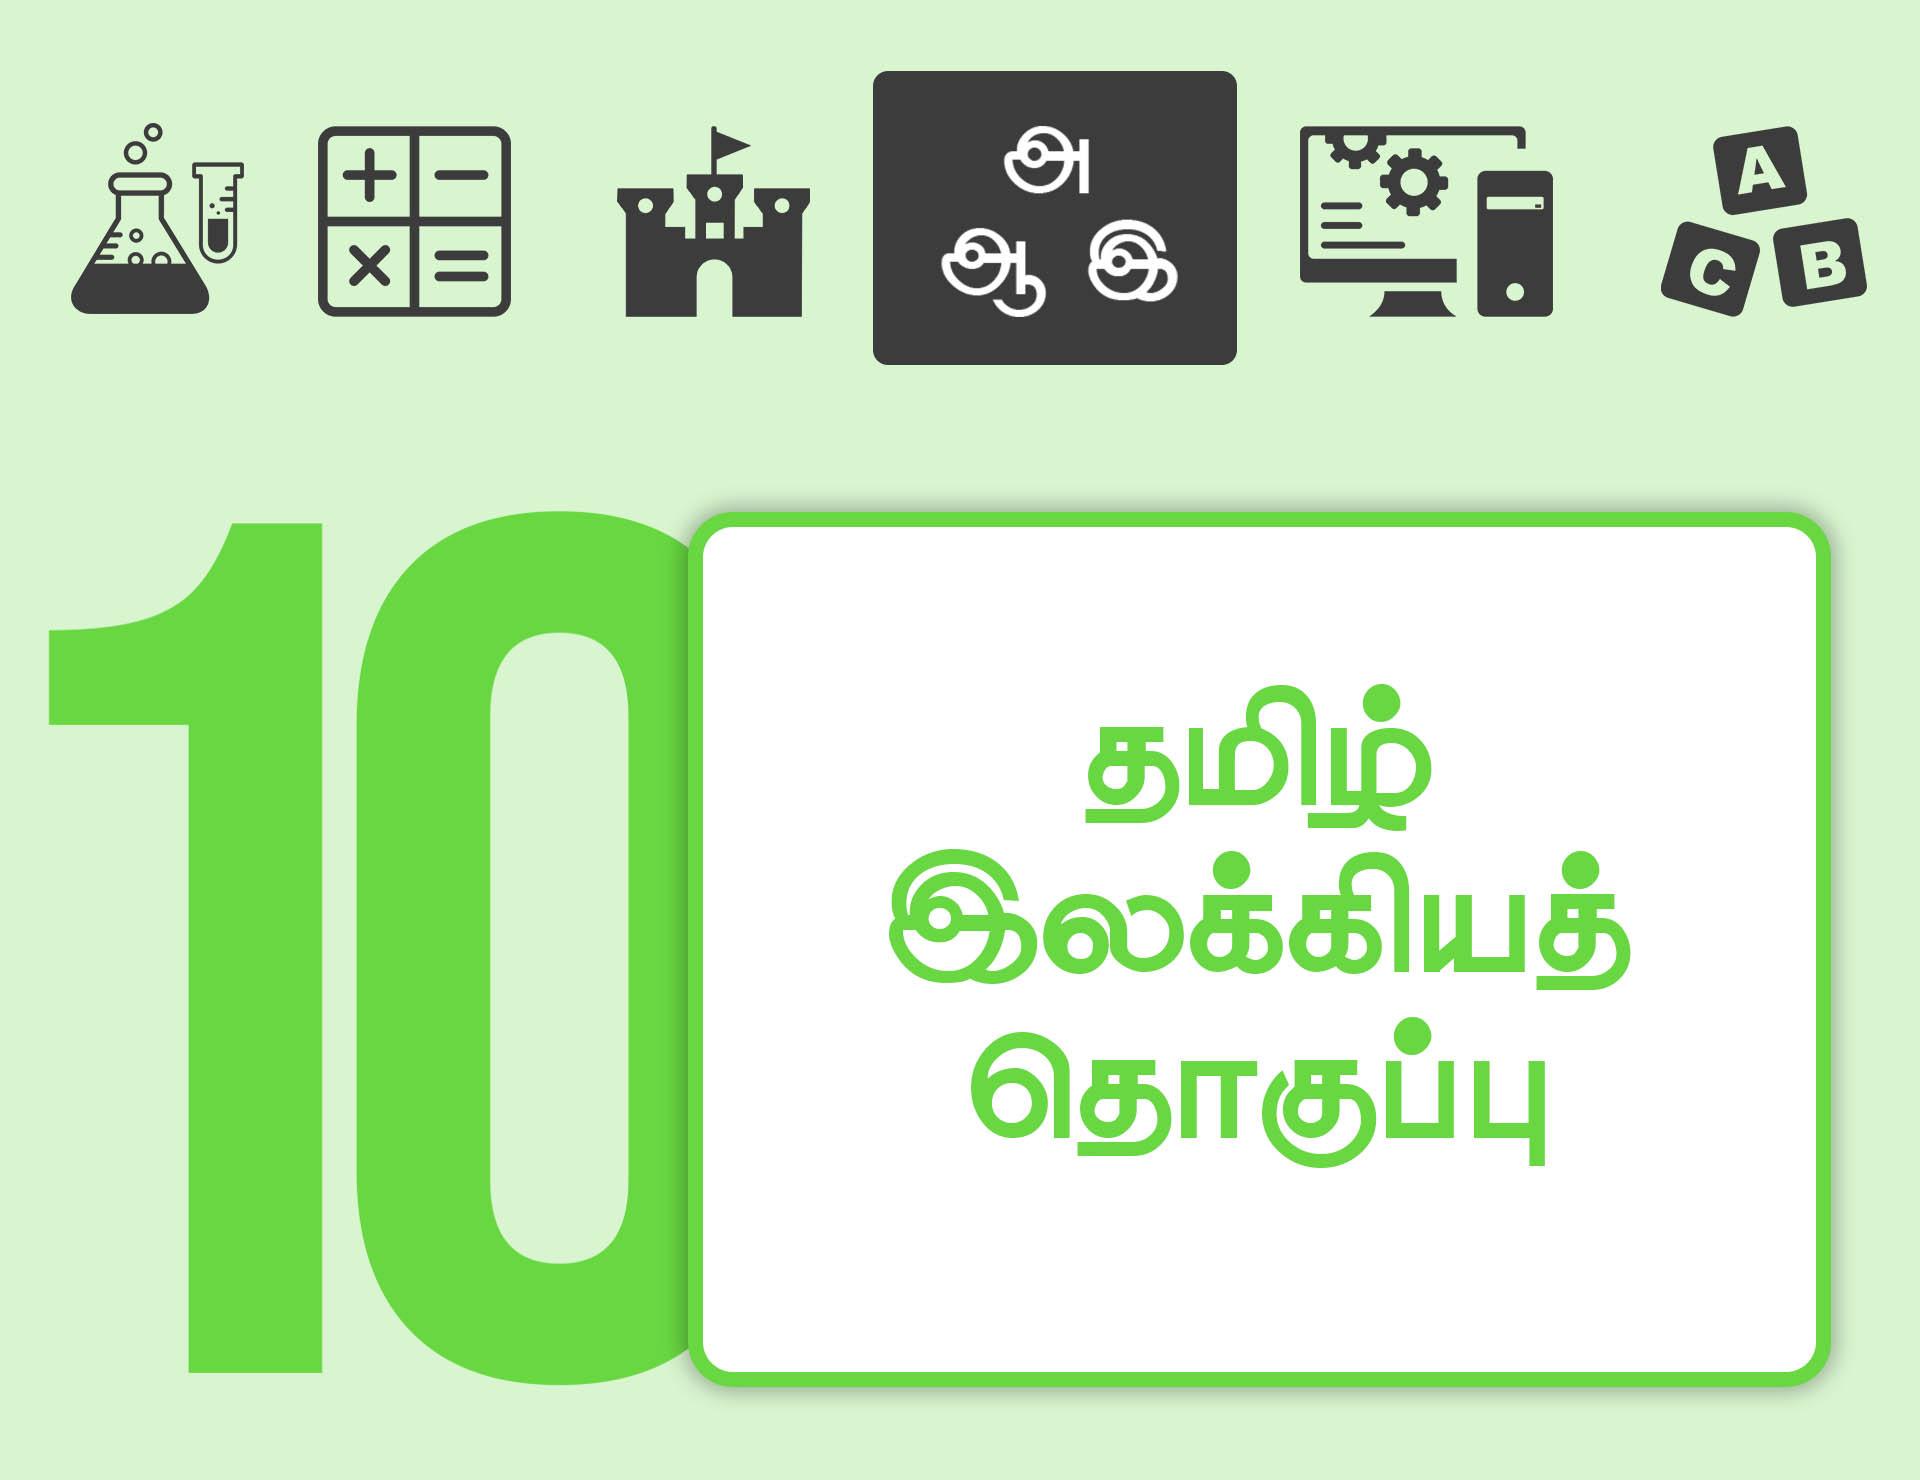 தரம் 10 தமிழ் இலக்கியத் தொகுப்பு